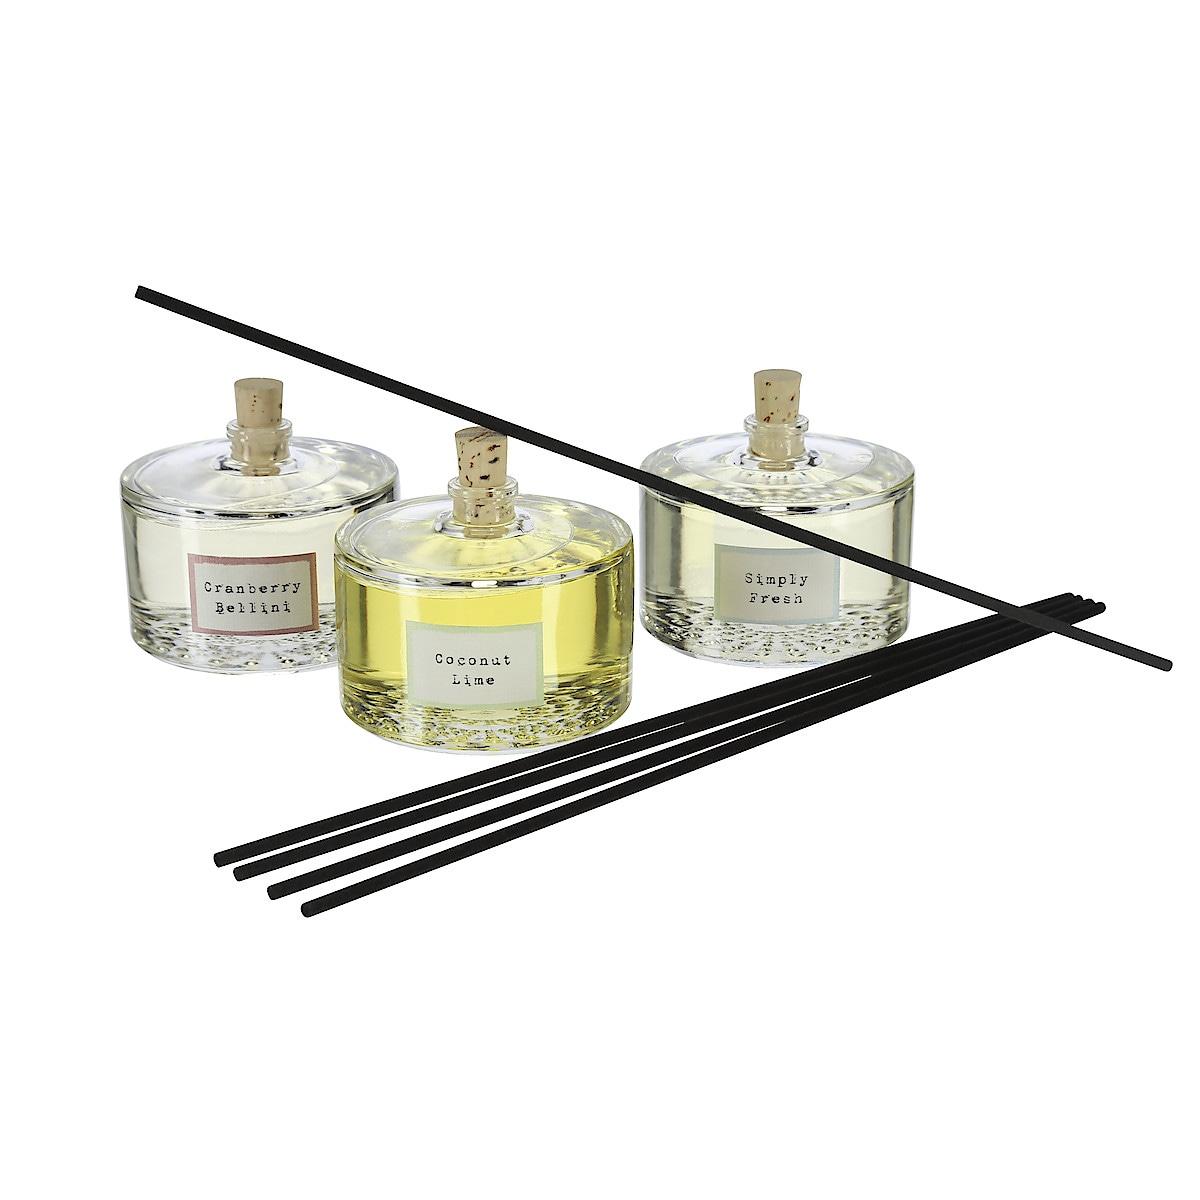 Duftpinner og duftolje